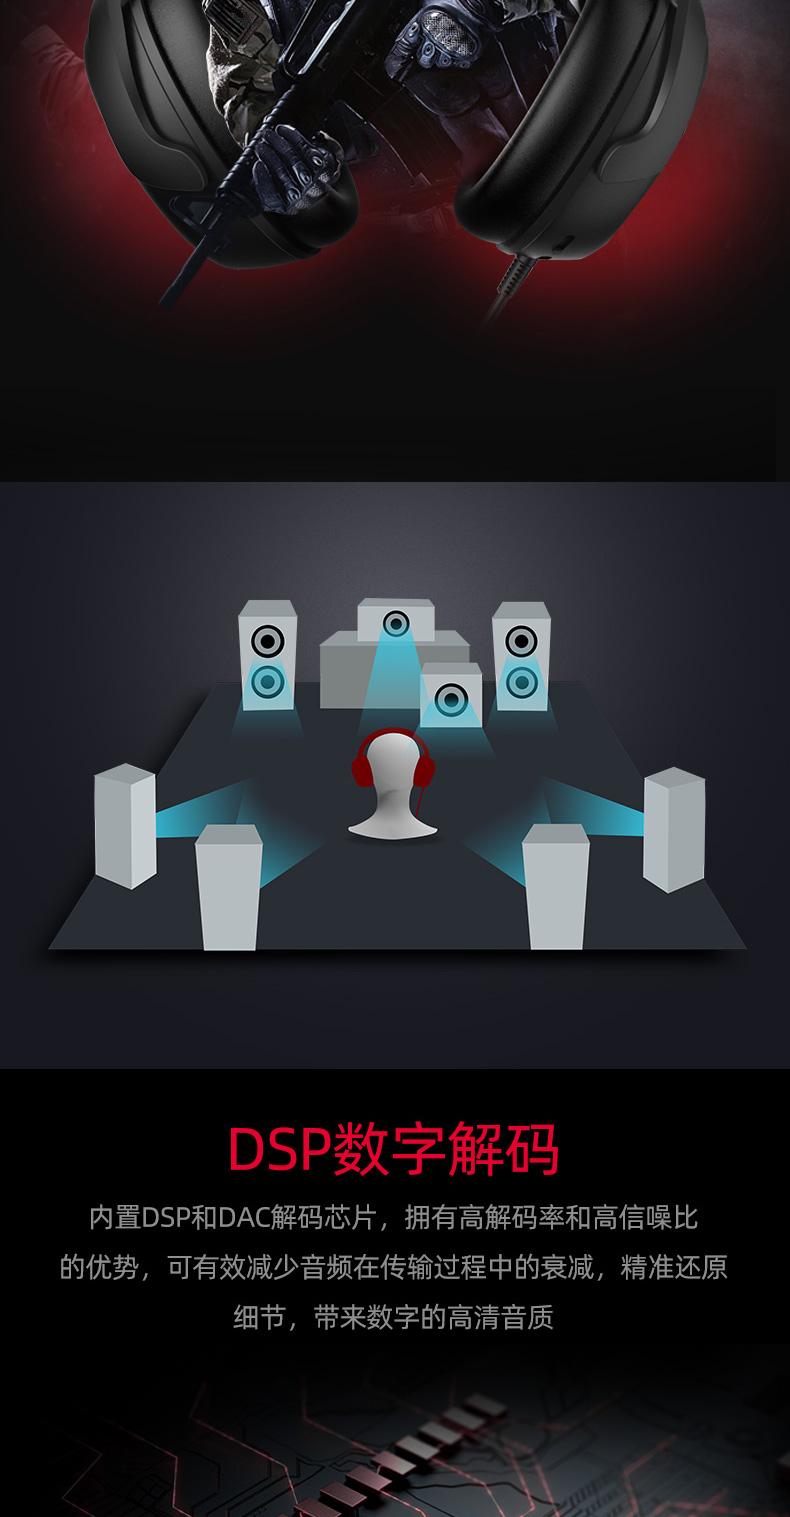 自由玩家觉-耳机详情-202000714_04.jpg